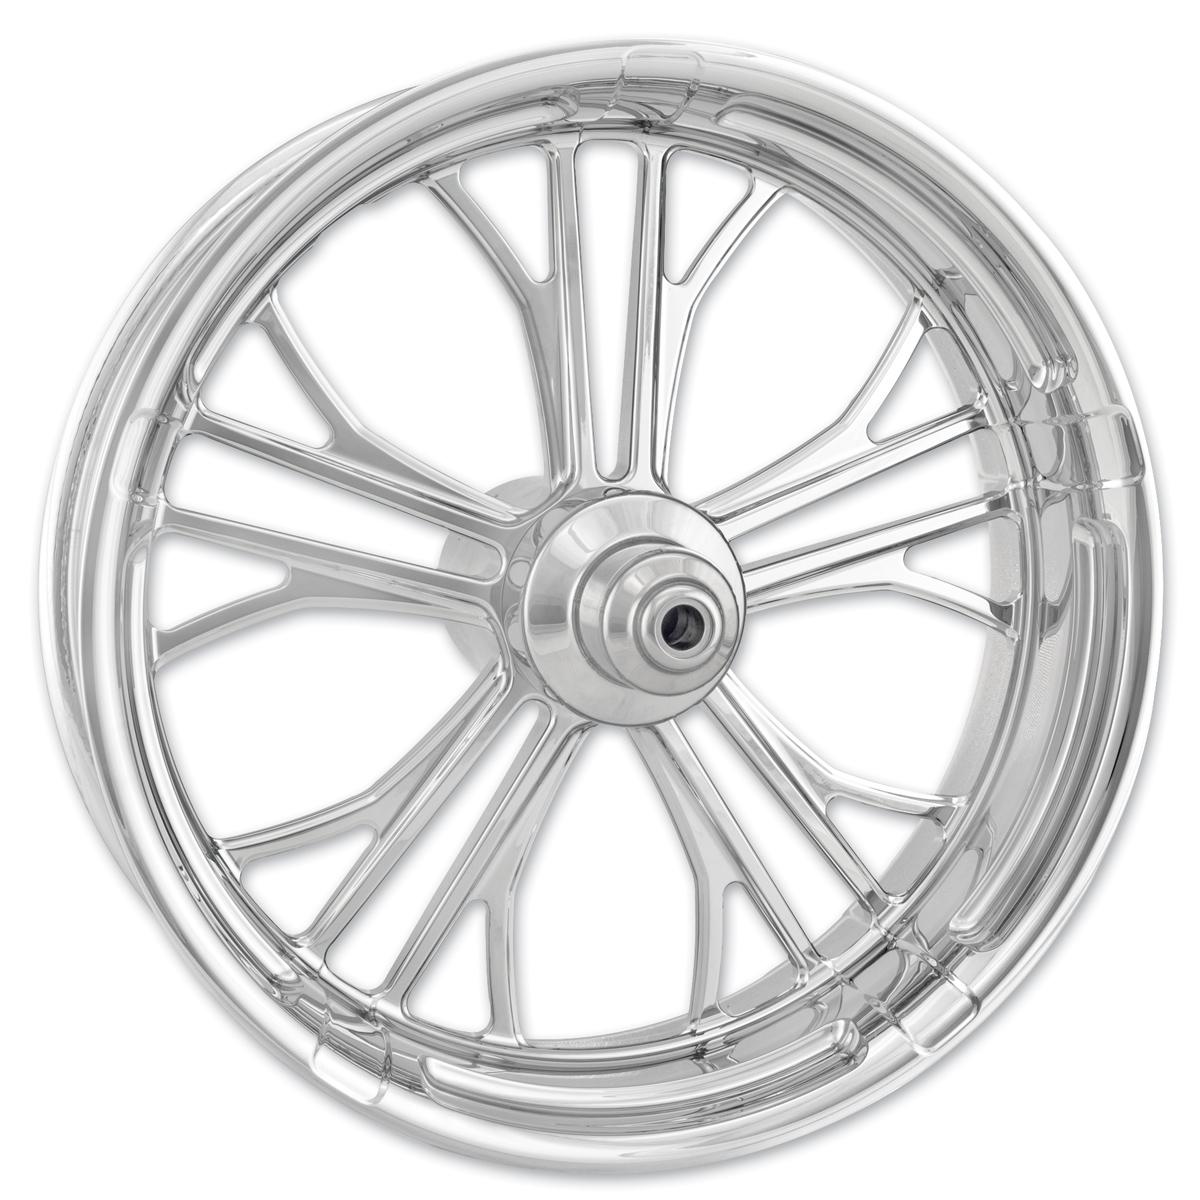 Performance Machine Dixon Chrome Front Wheel 21x2.15 Non-ABS